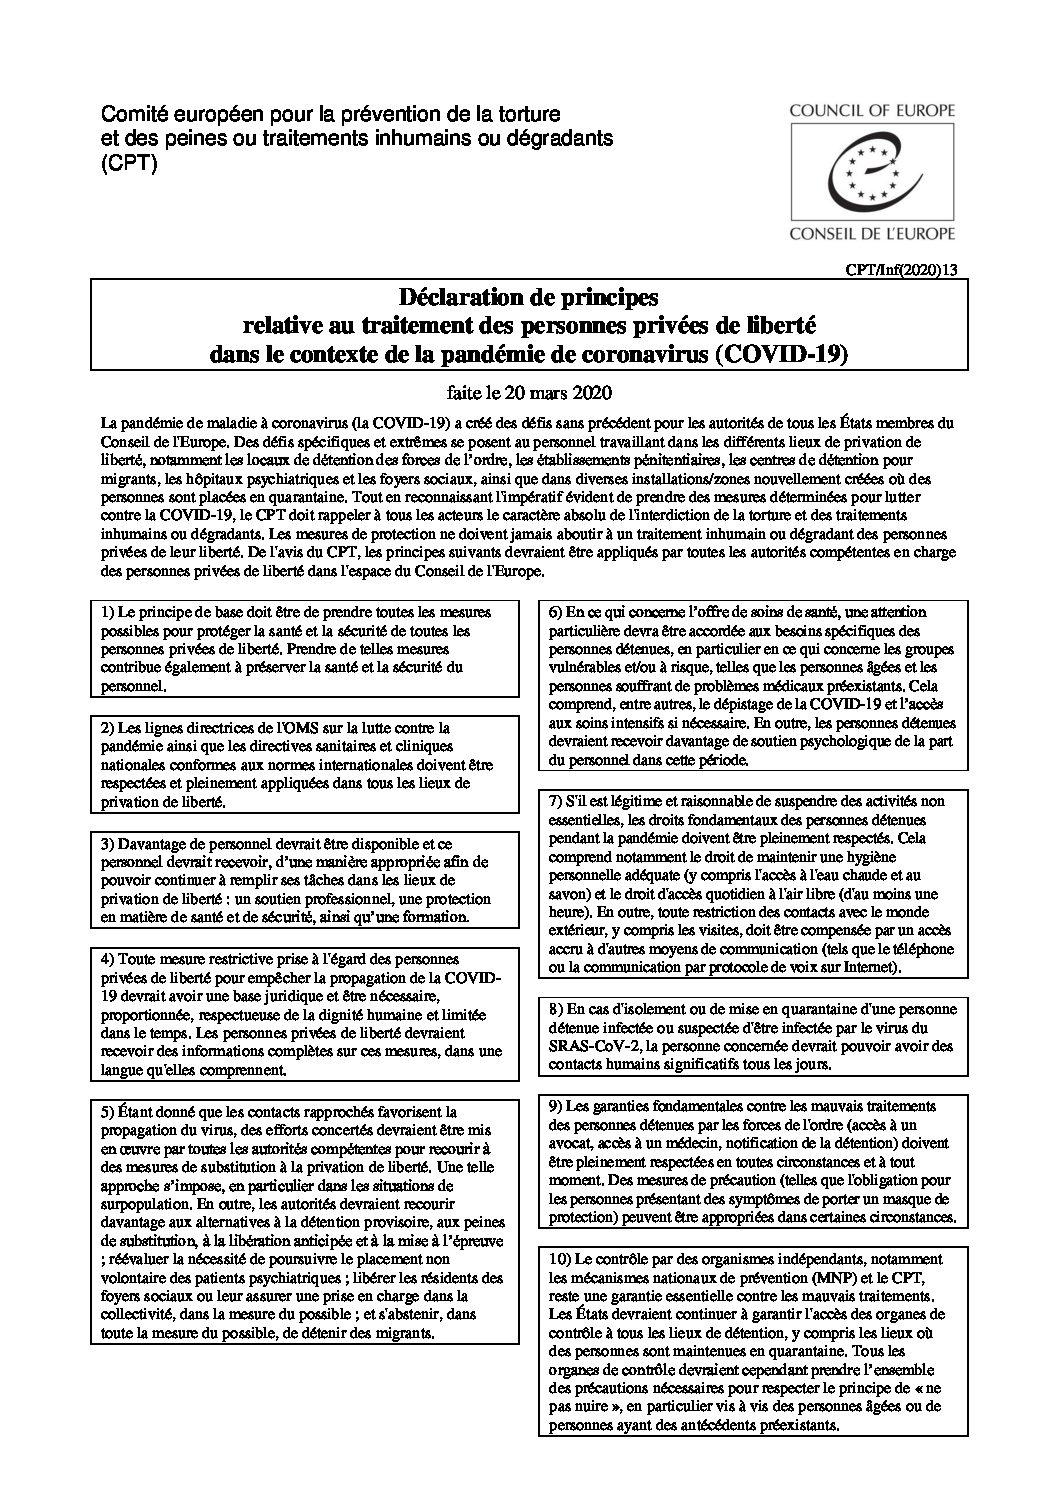 INFO | Comité européen pour la prévention de la torture appelle à réévaluer la nécessité de poursuivre le placement non volontaire des patients psychiatriques